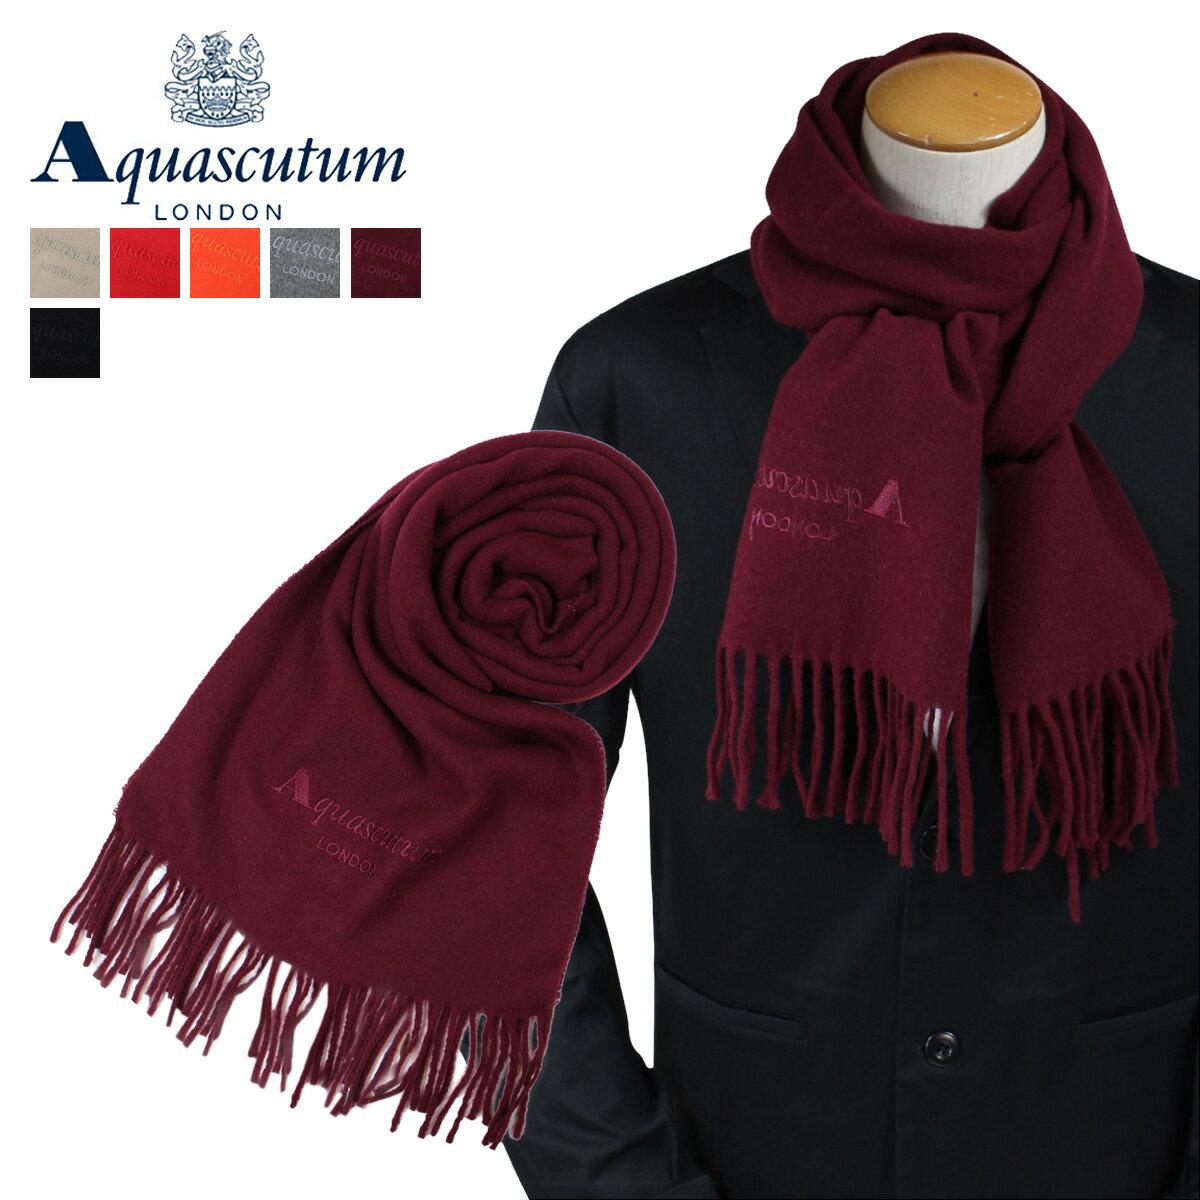 アクアスキュータム AQUASCUTUM マフラー レディース ウール イタリア製 ビジネス カジュアル メンズ